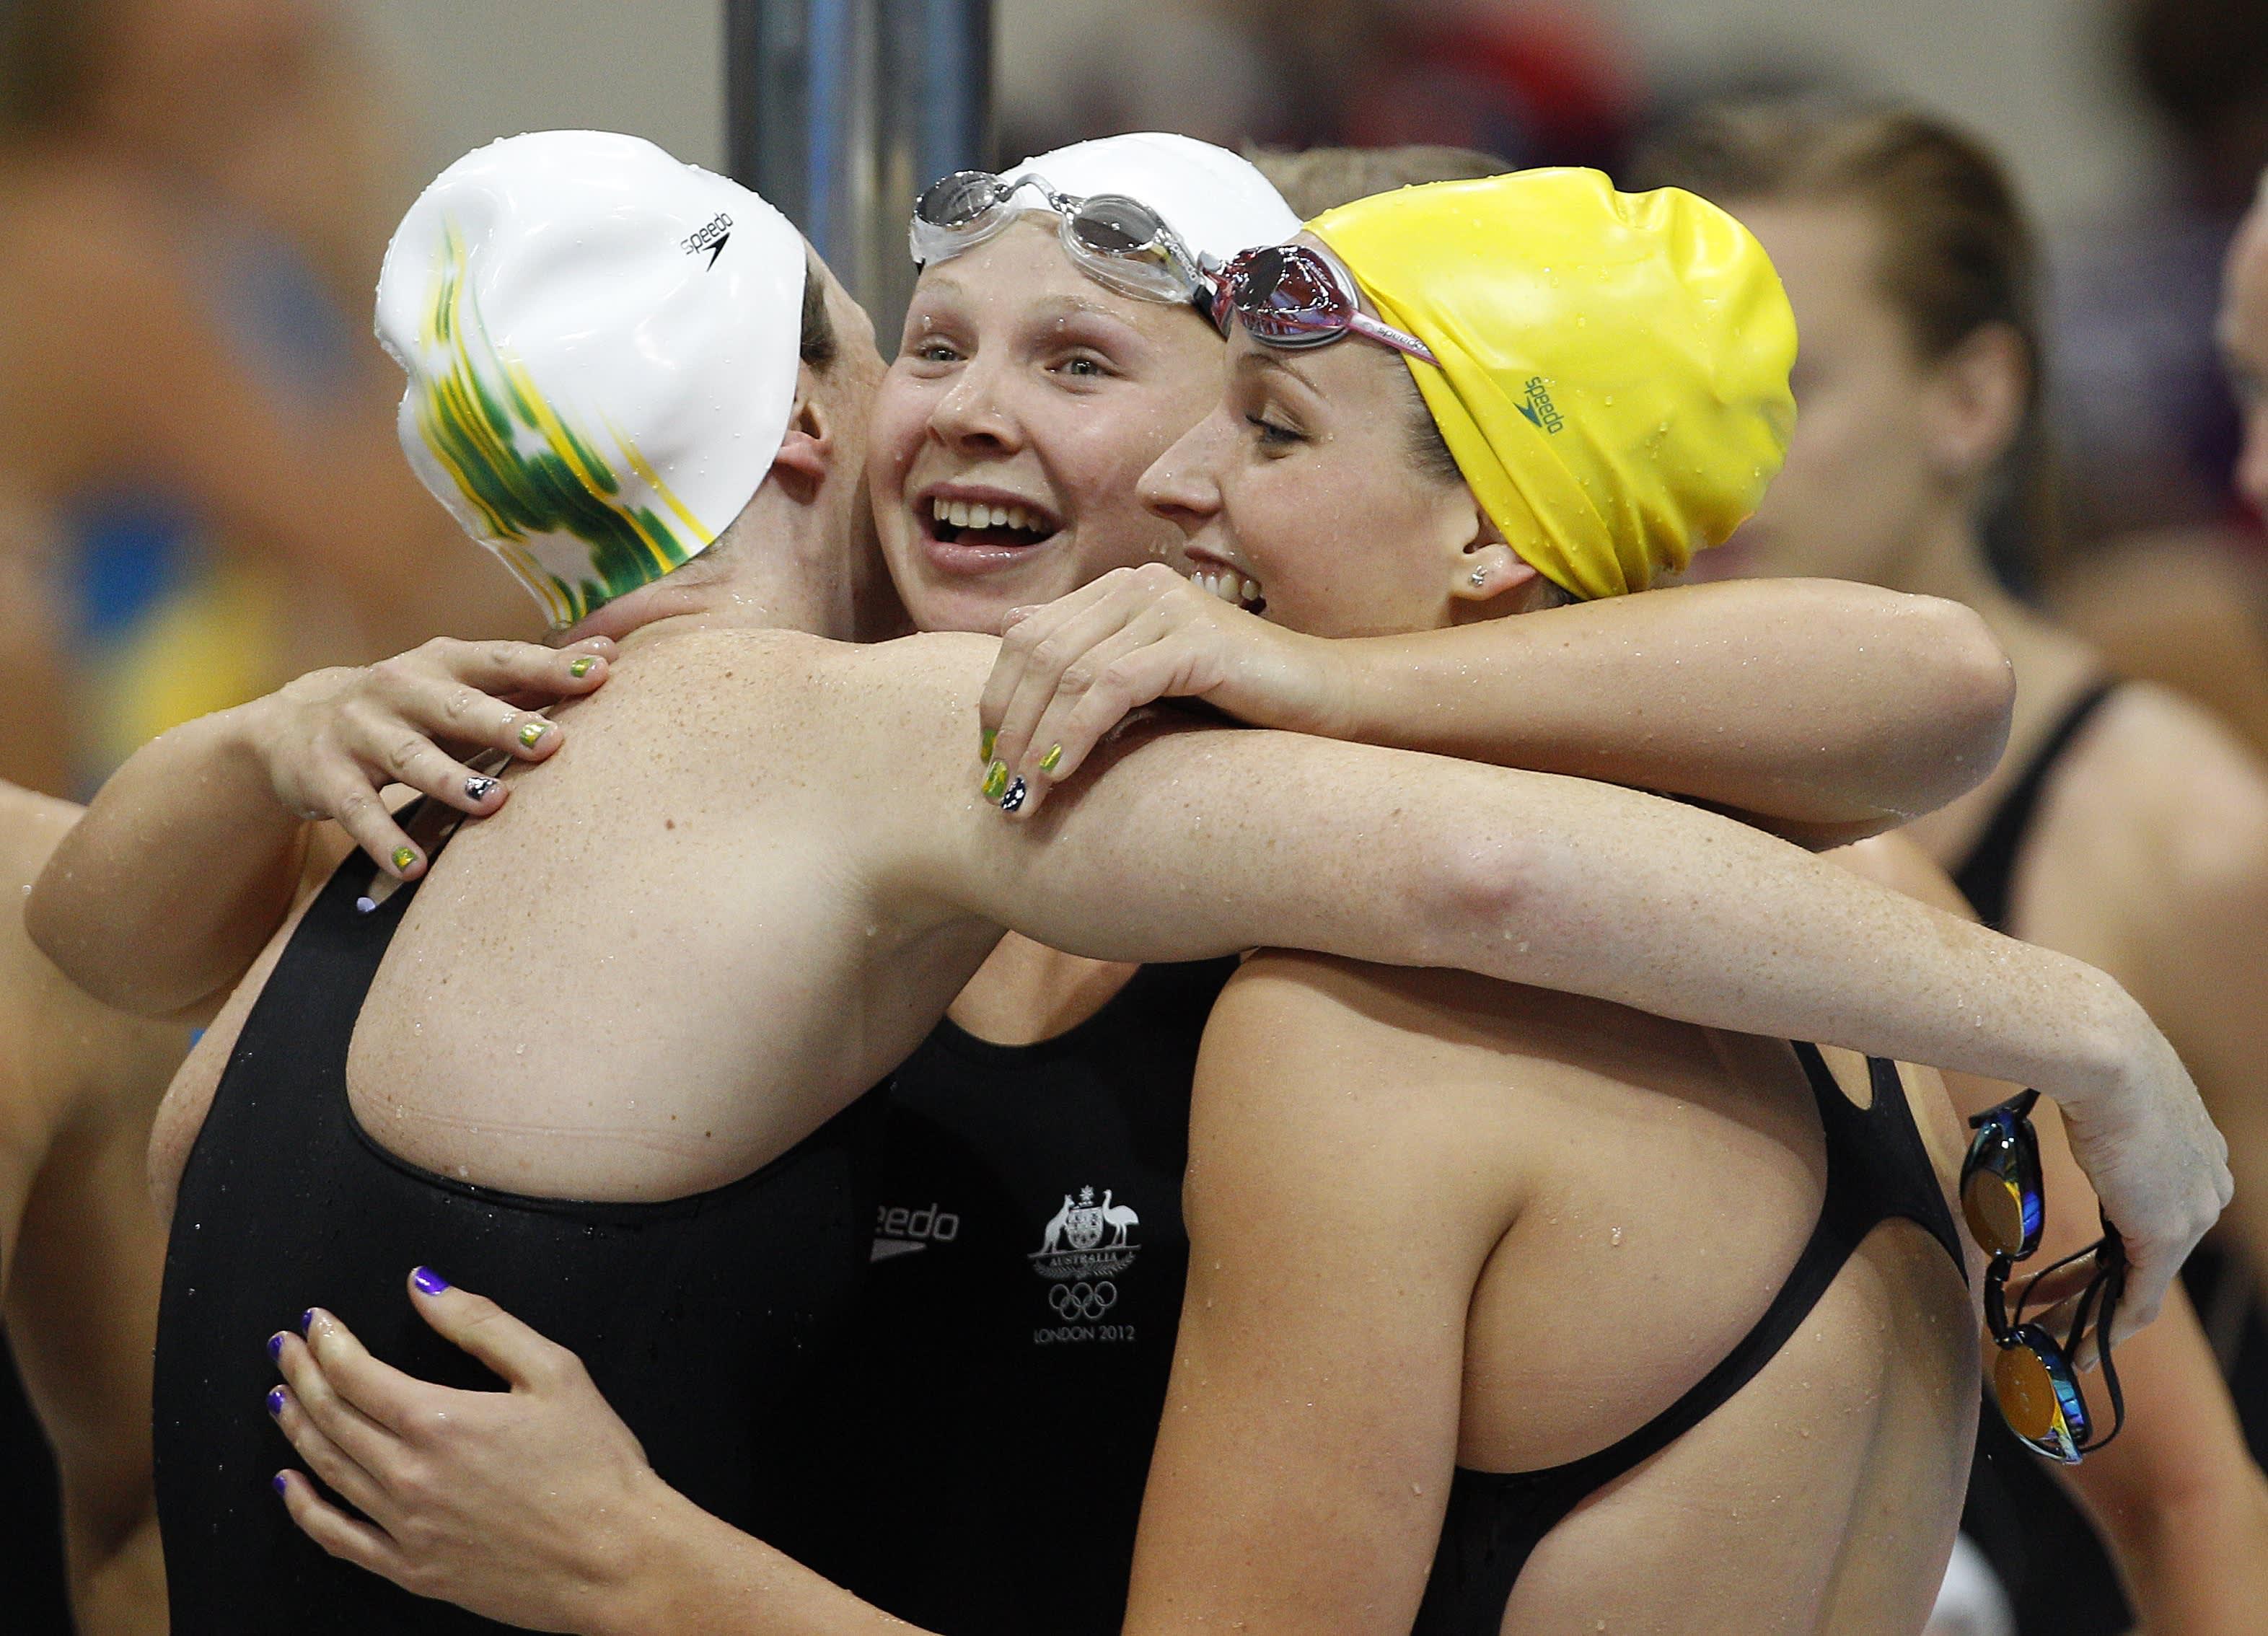 Australian Melanie Schlanger (keskellä) juhlii joukkueensa suoritusta 4x100metrin vapaauintiviestissä Lontoossa 2012.